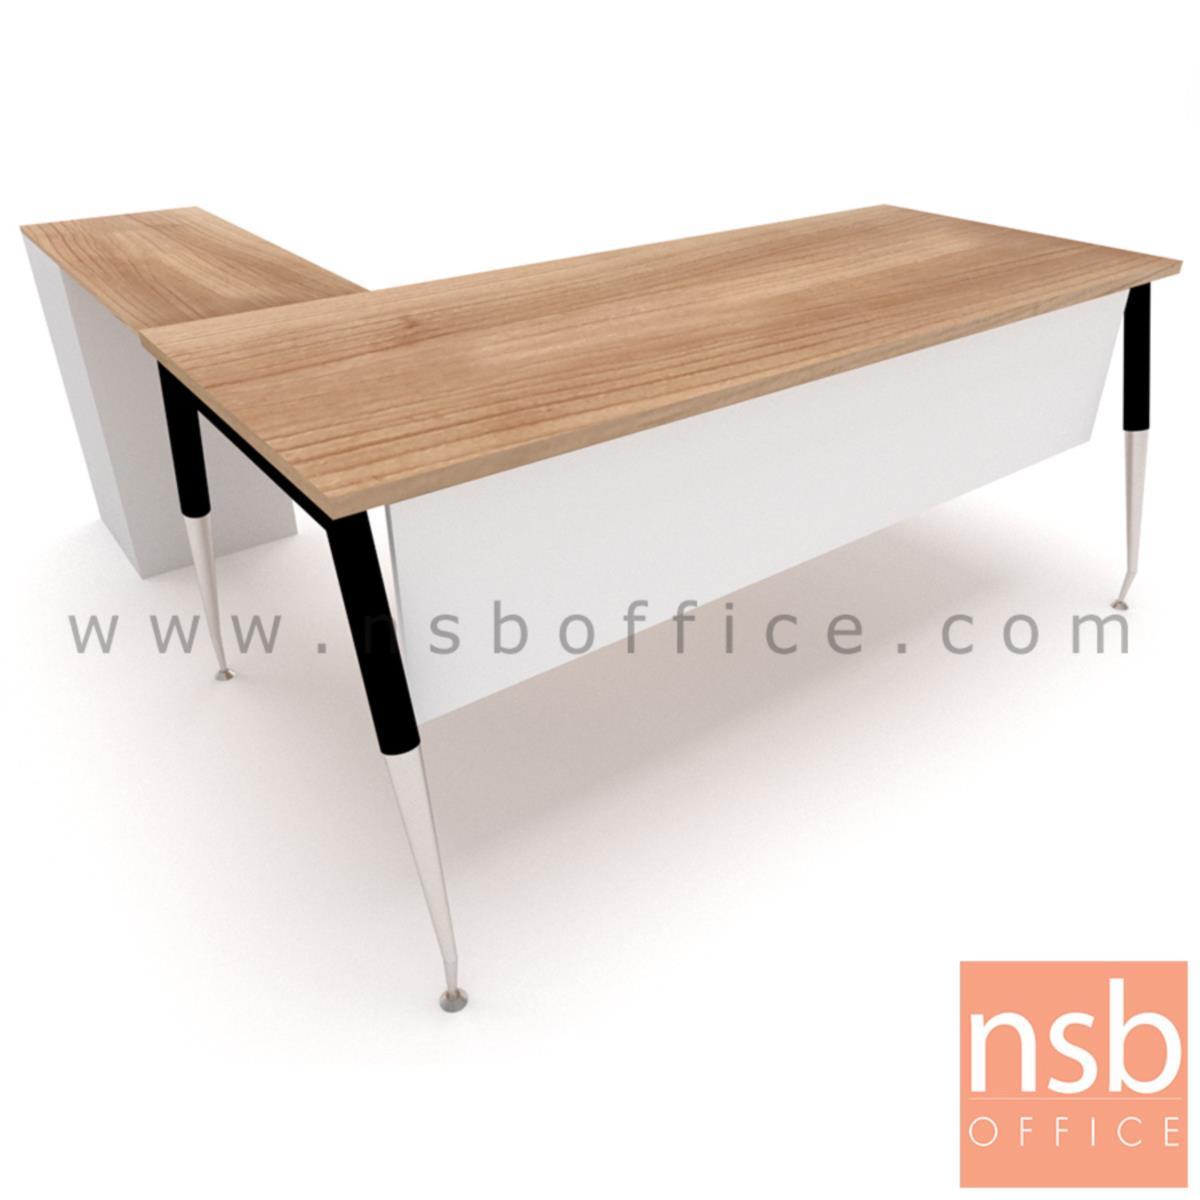 โต๊ะทำงานตัวแอล 3 ลิ้นชัก   ขนาด 180W1*175W2 cm. พร้อมบังตาไม้ ขาเหล็กชุบโครเมี่ยม